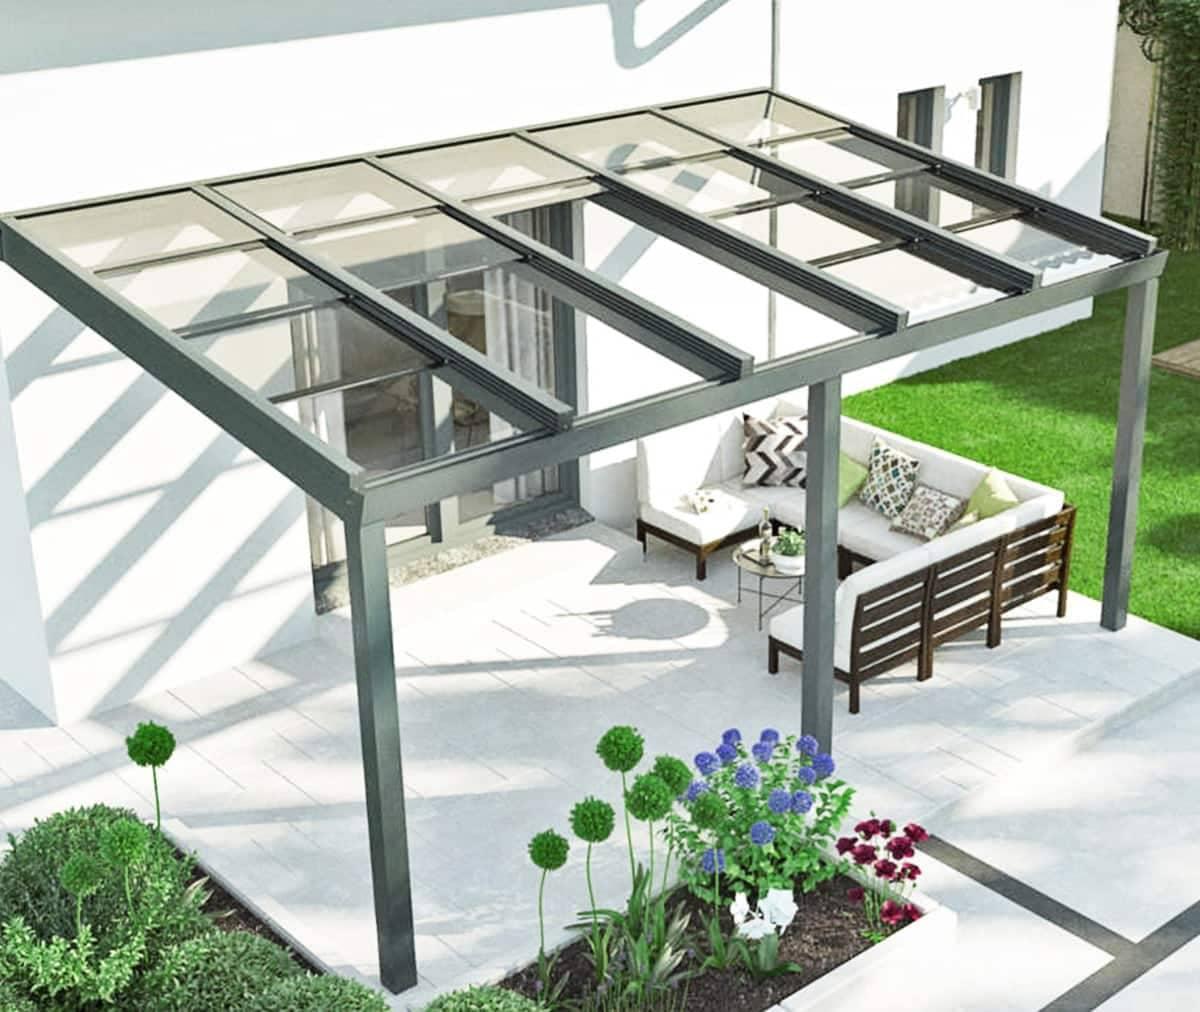 atrium-concept-verre